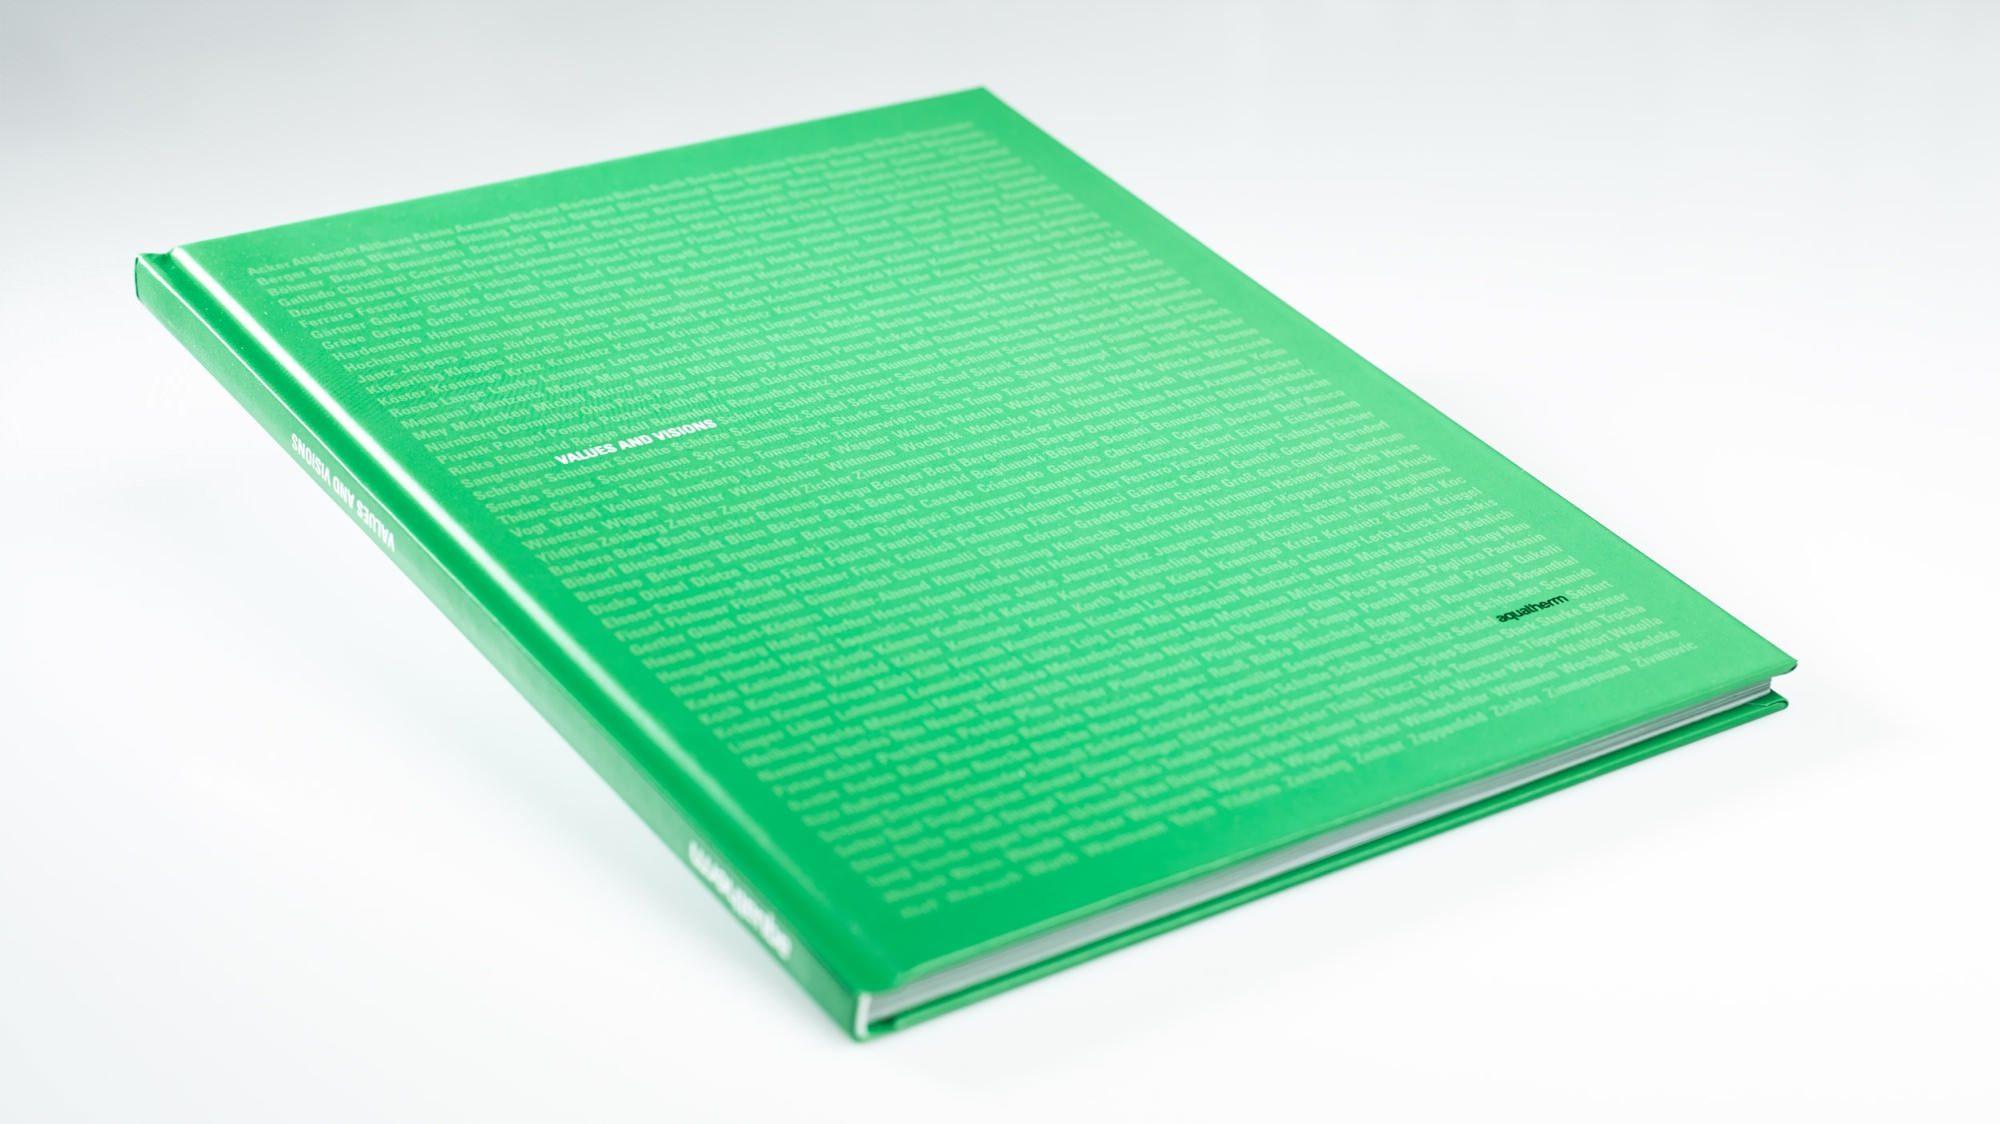 Bücher als Hardcover drucken aus der Druckerei von FREY PRINT + MEDIA